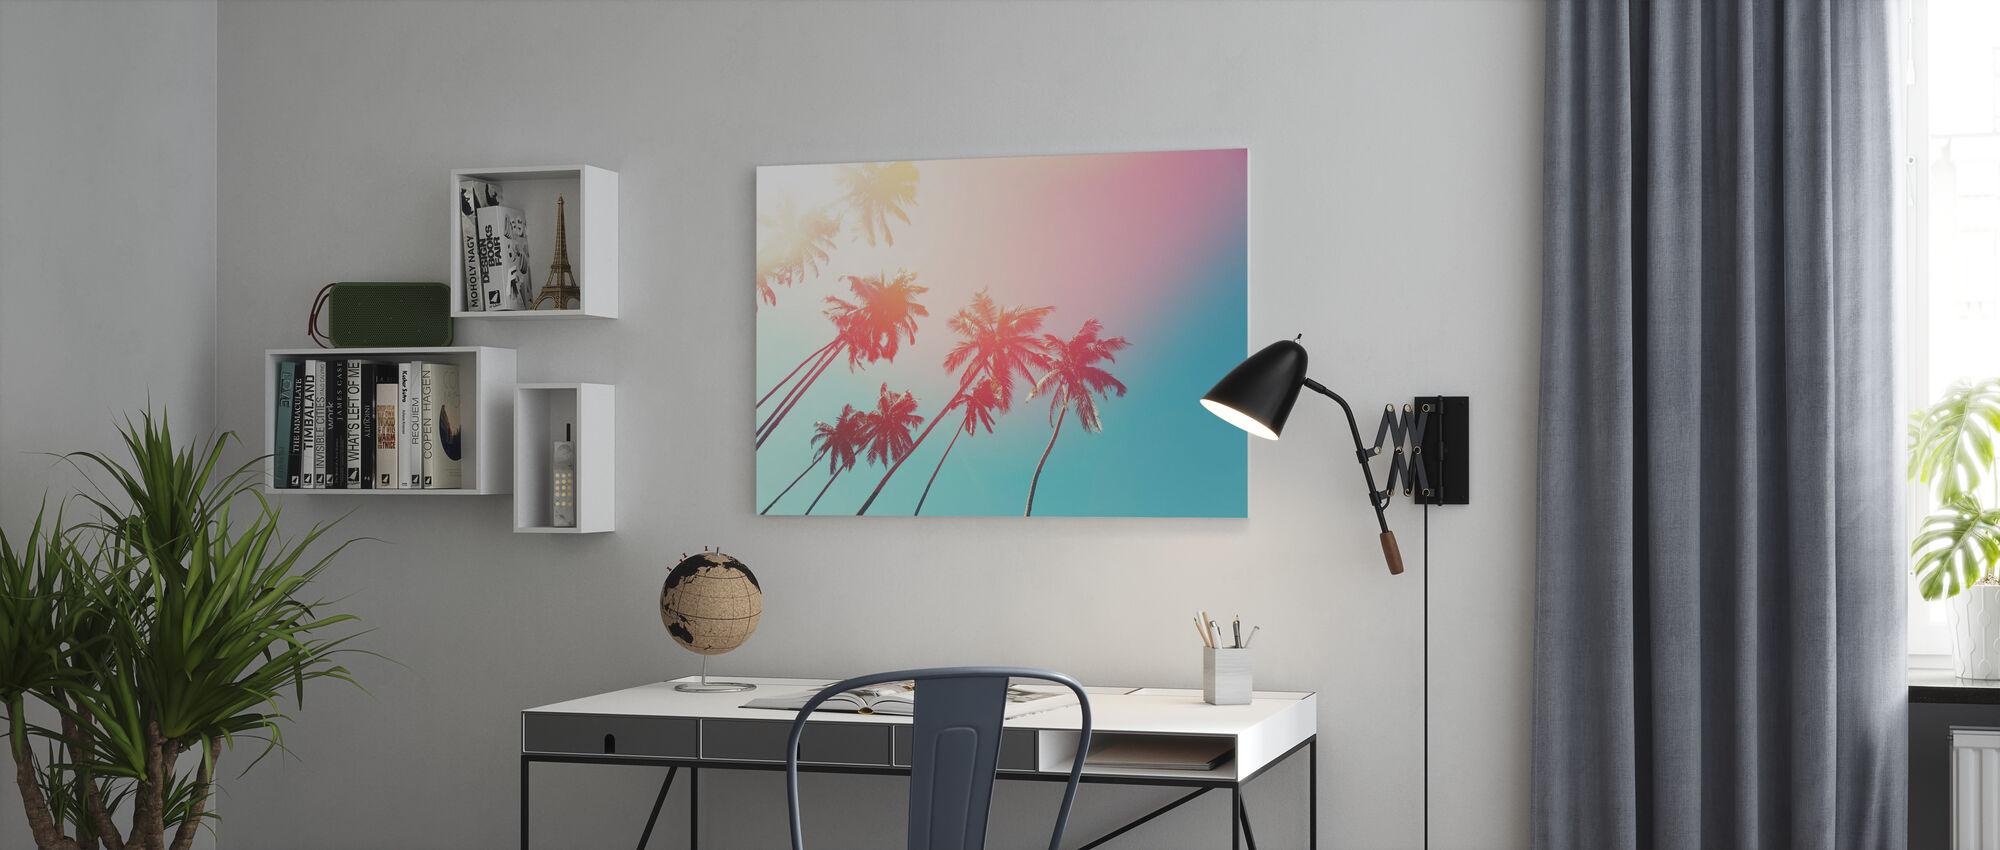 Kokosträd - Canvastavla - Kontor